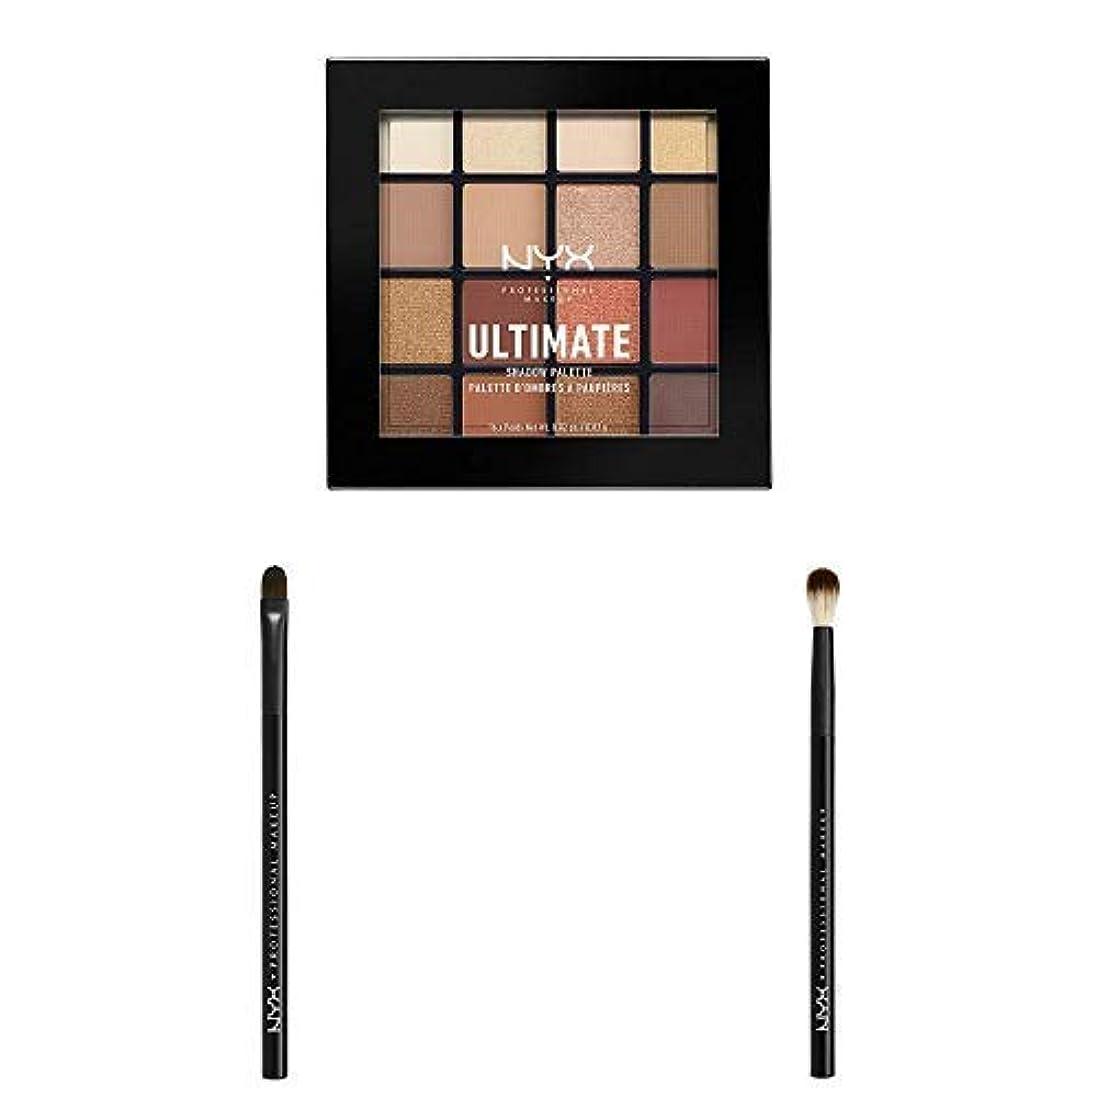 丘シード注ぎますNYX Professional Makeup UT シャドウパレット03 ウォーム ニュートラル アイシャドウブラシ2本セット